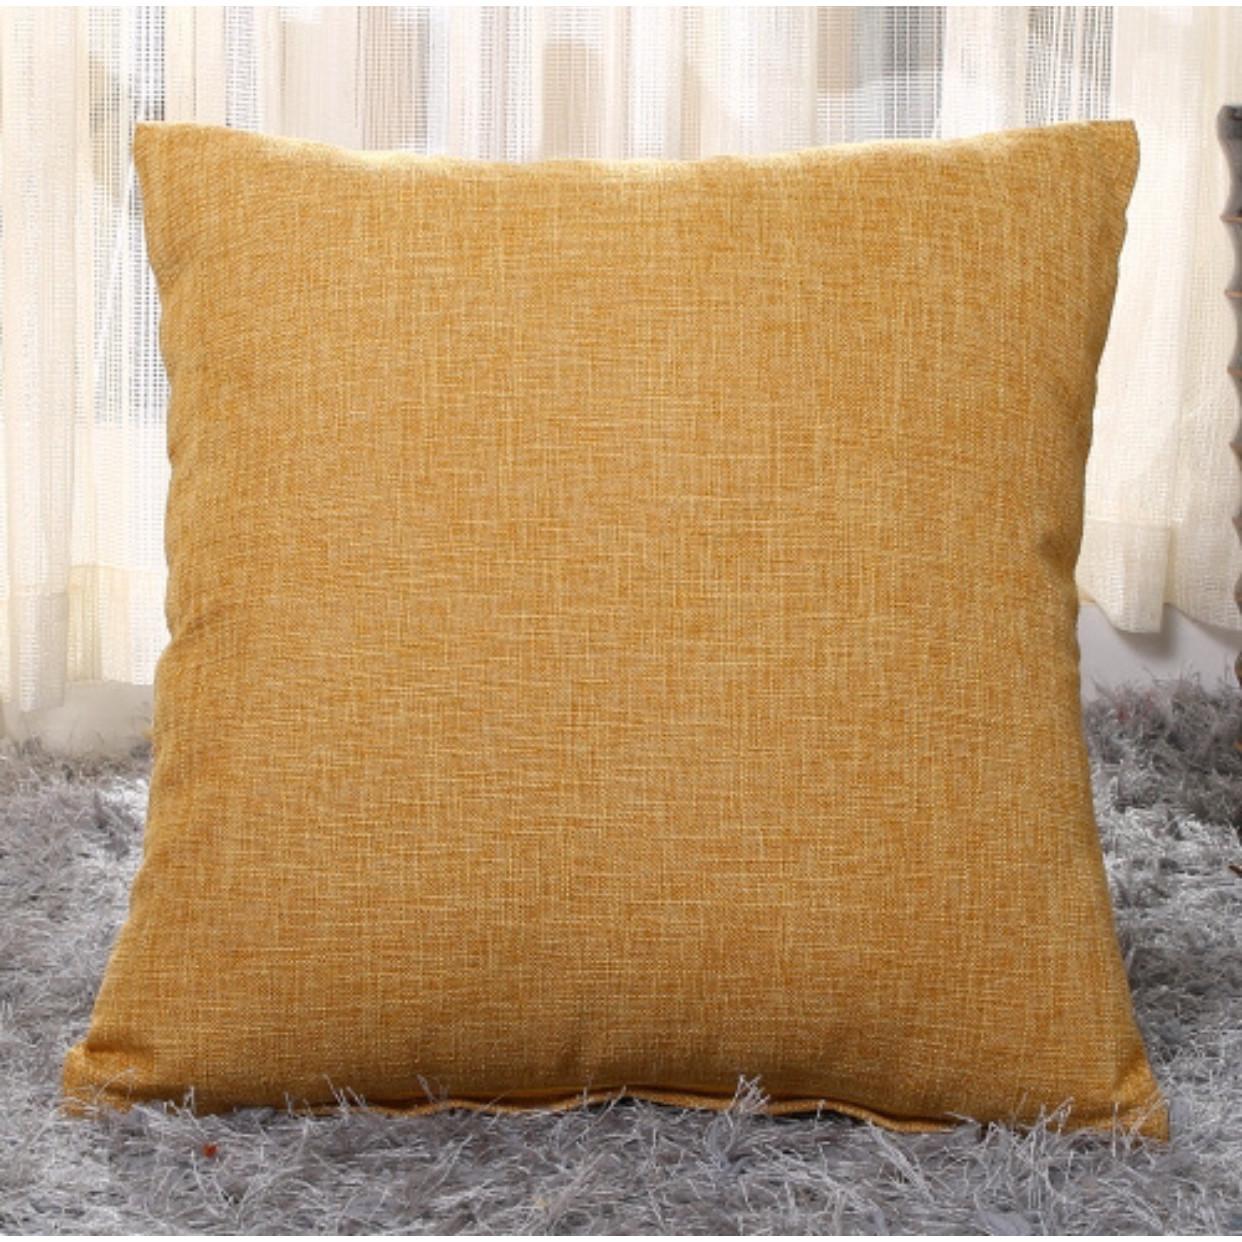 Vỏ gối tựa lưng, gối vuông trang trí vải bố dày dặn Trơn Màu  cao cấp sang trọng